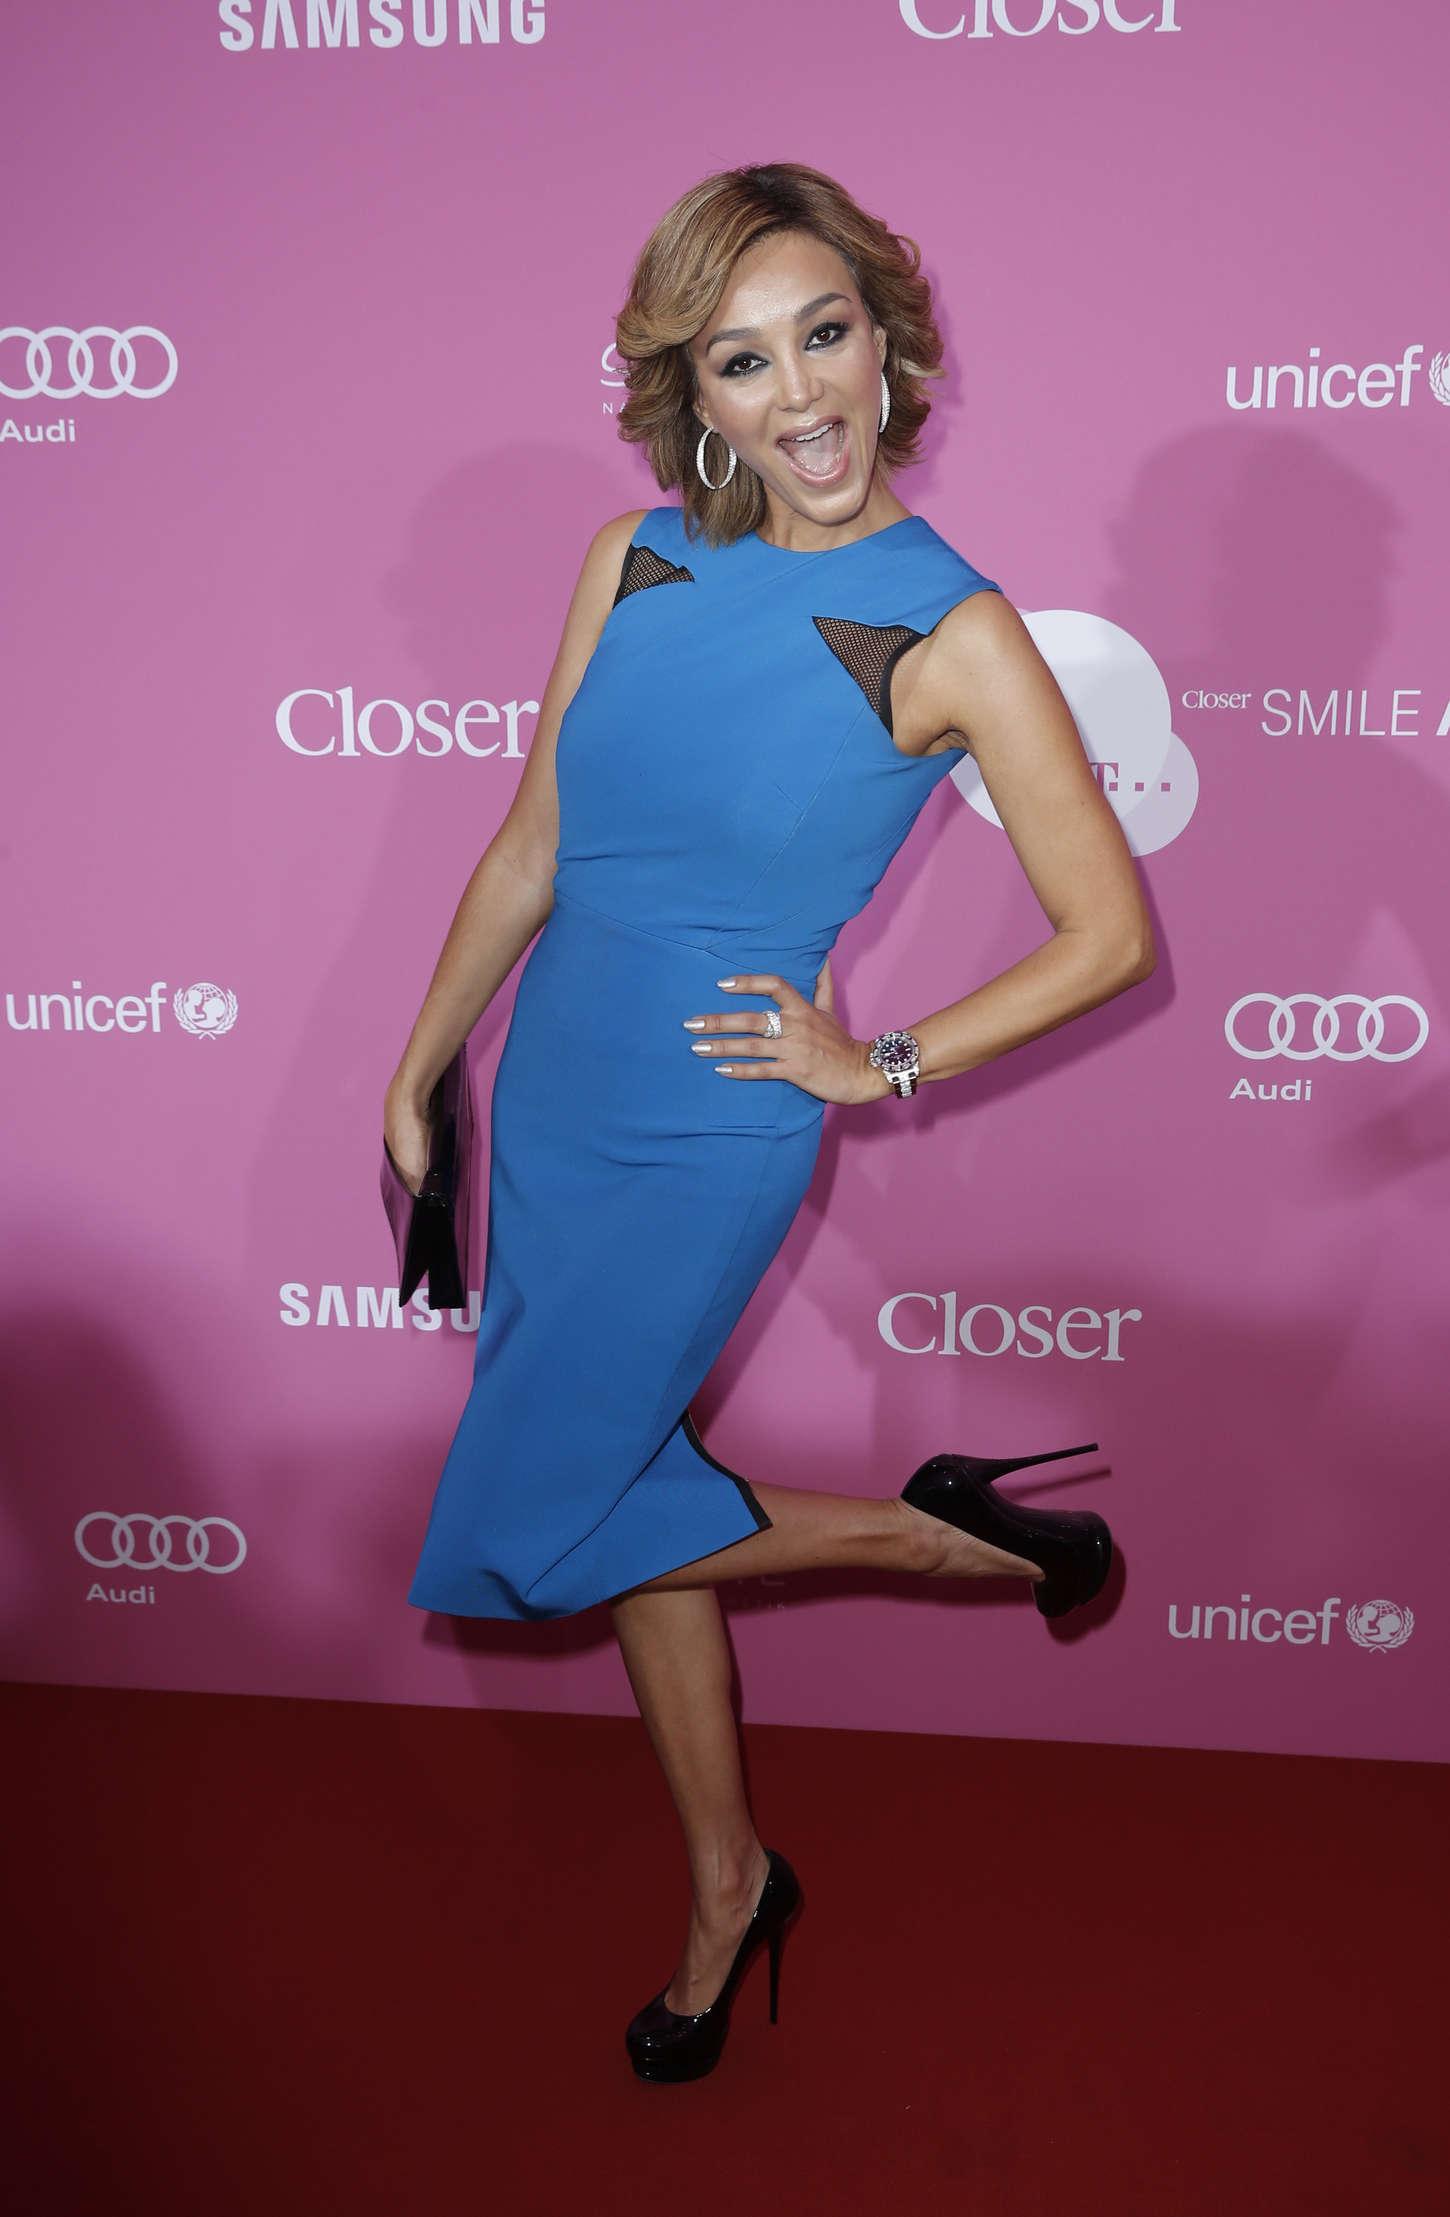 Verona Pooth - Closer Magazin Smile Award 2014 in Munchen